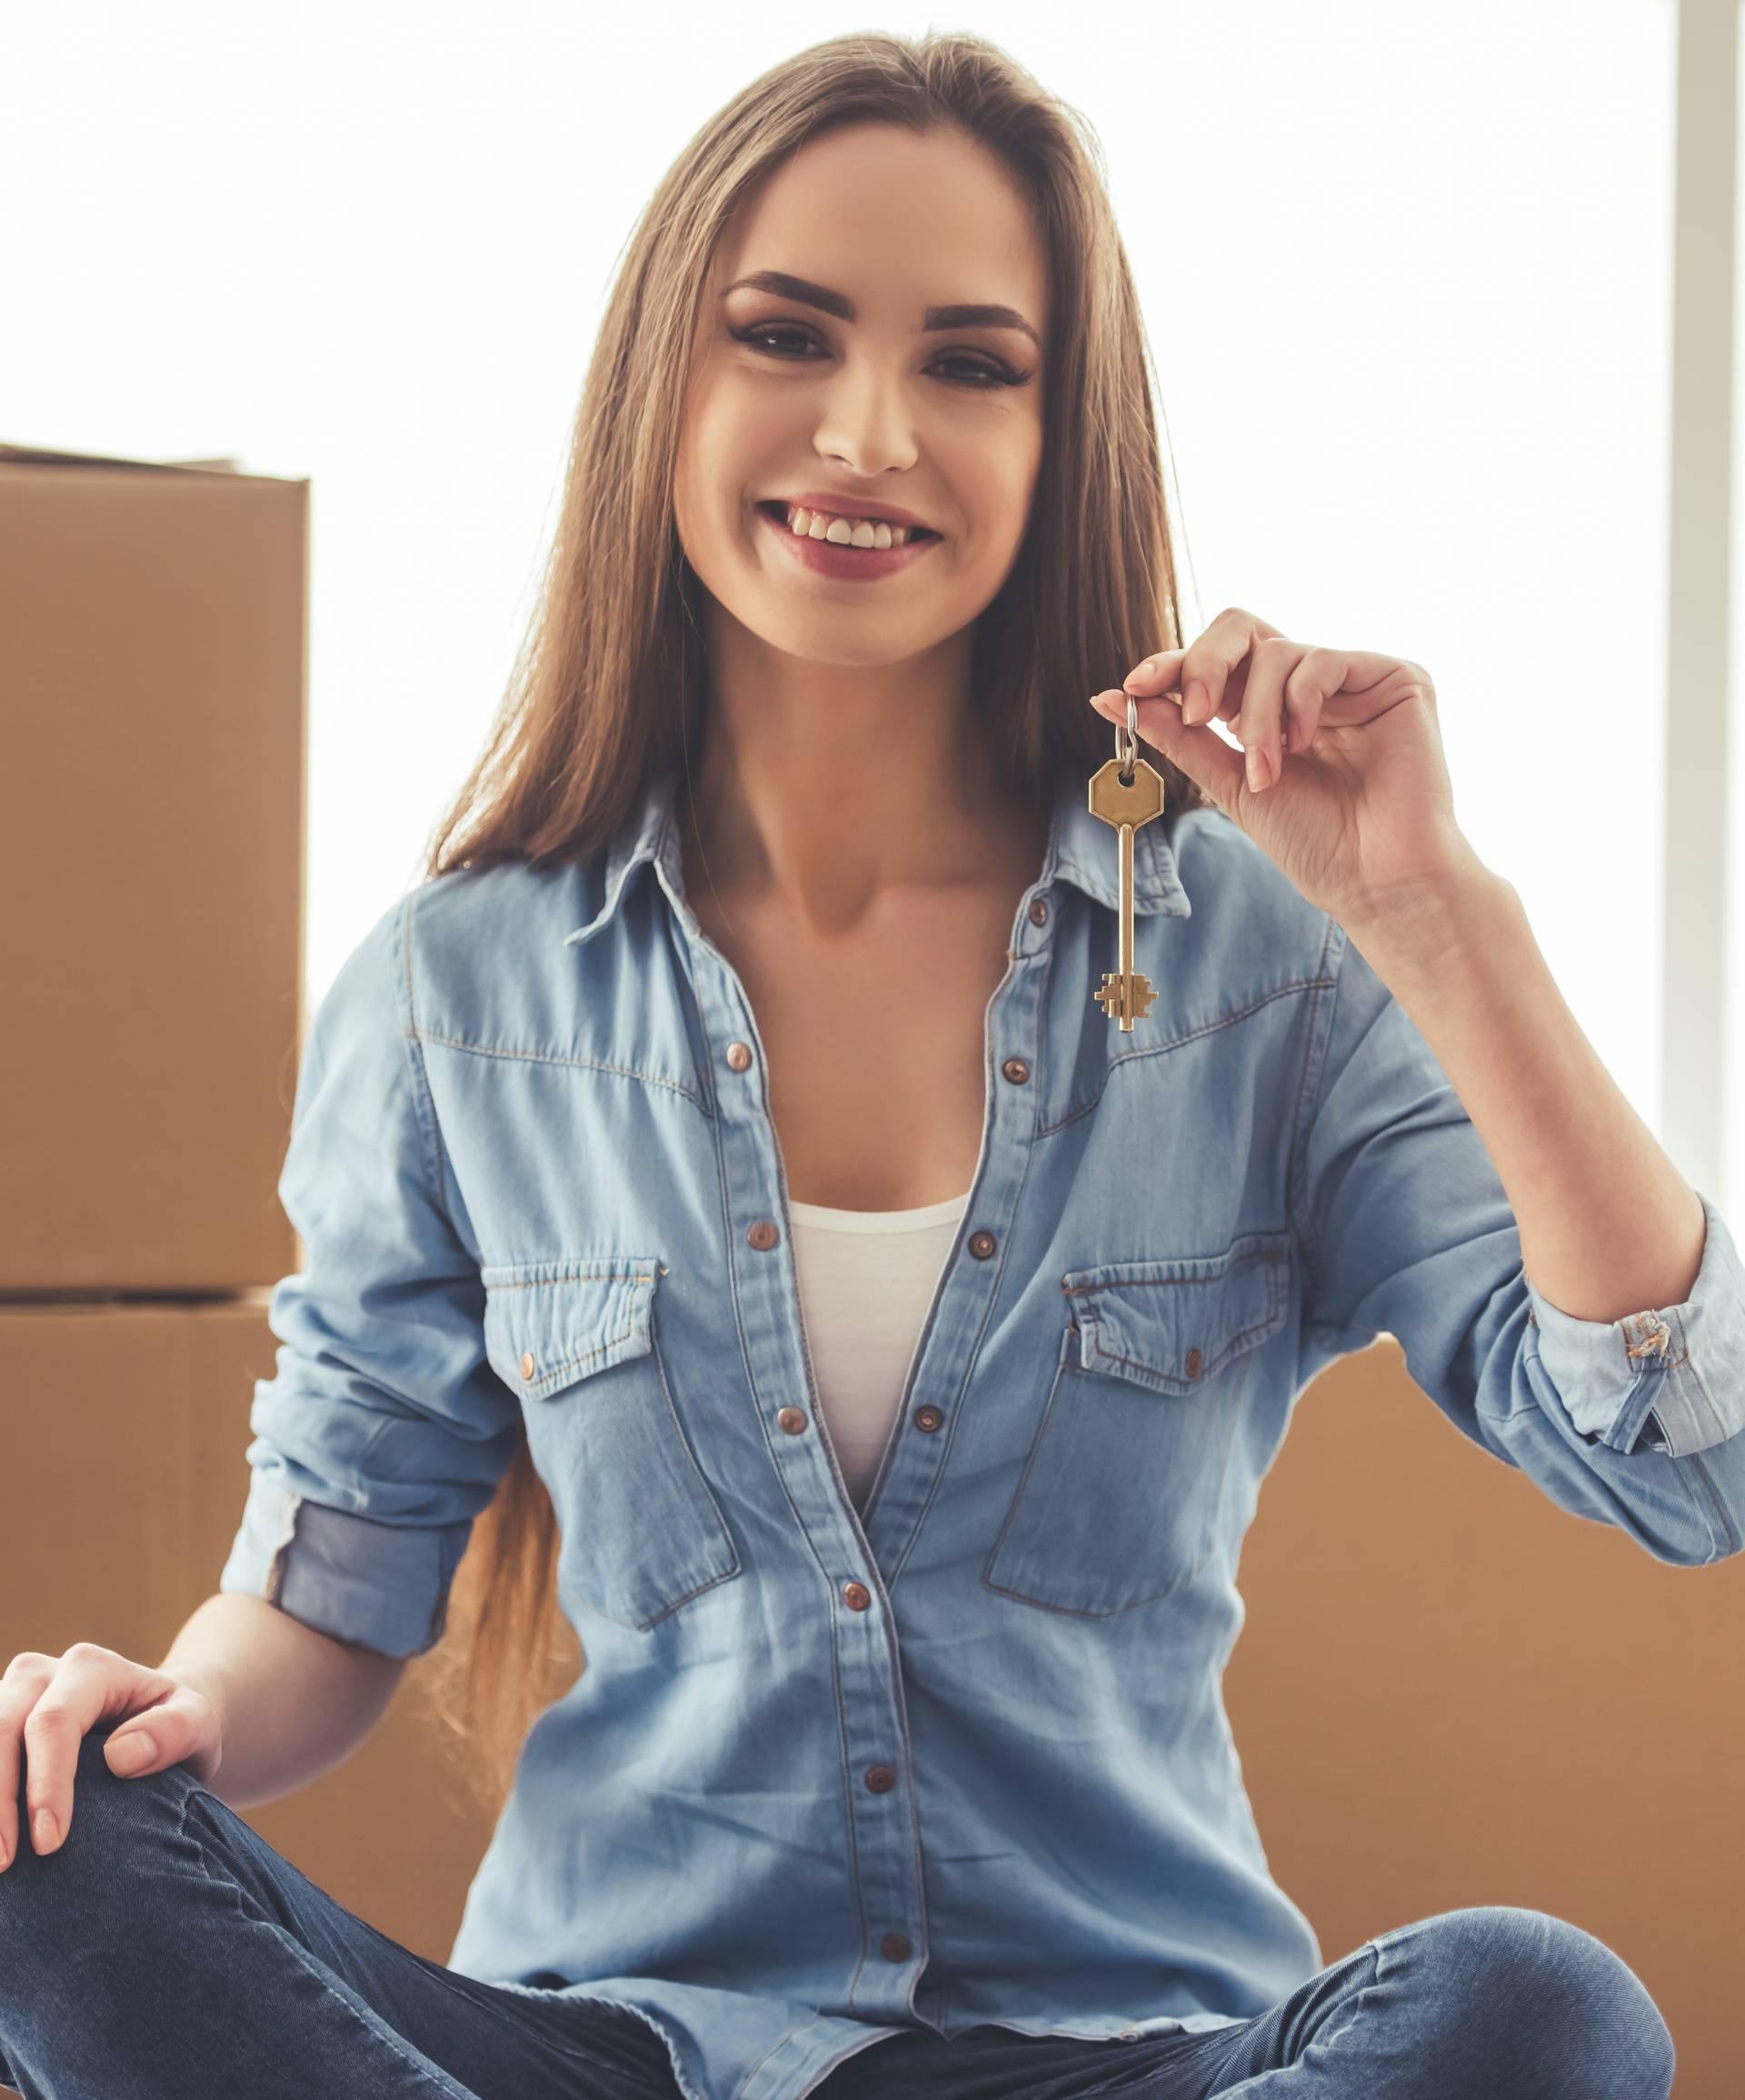 Trikovi za preseljenje: Tanjure slažite okomito, knjige u kofer